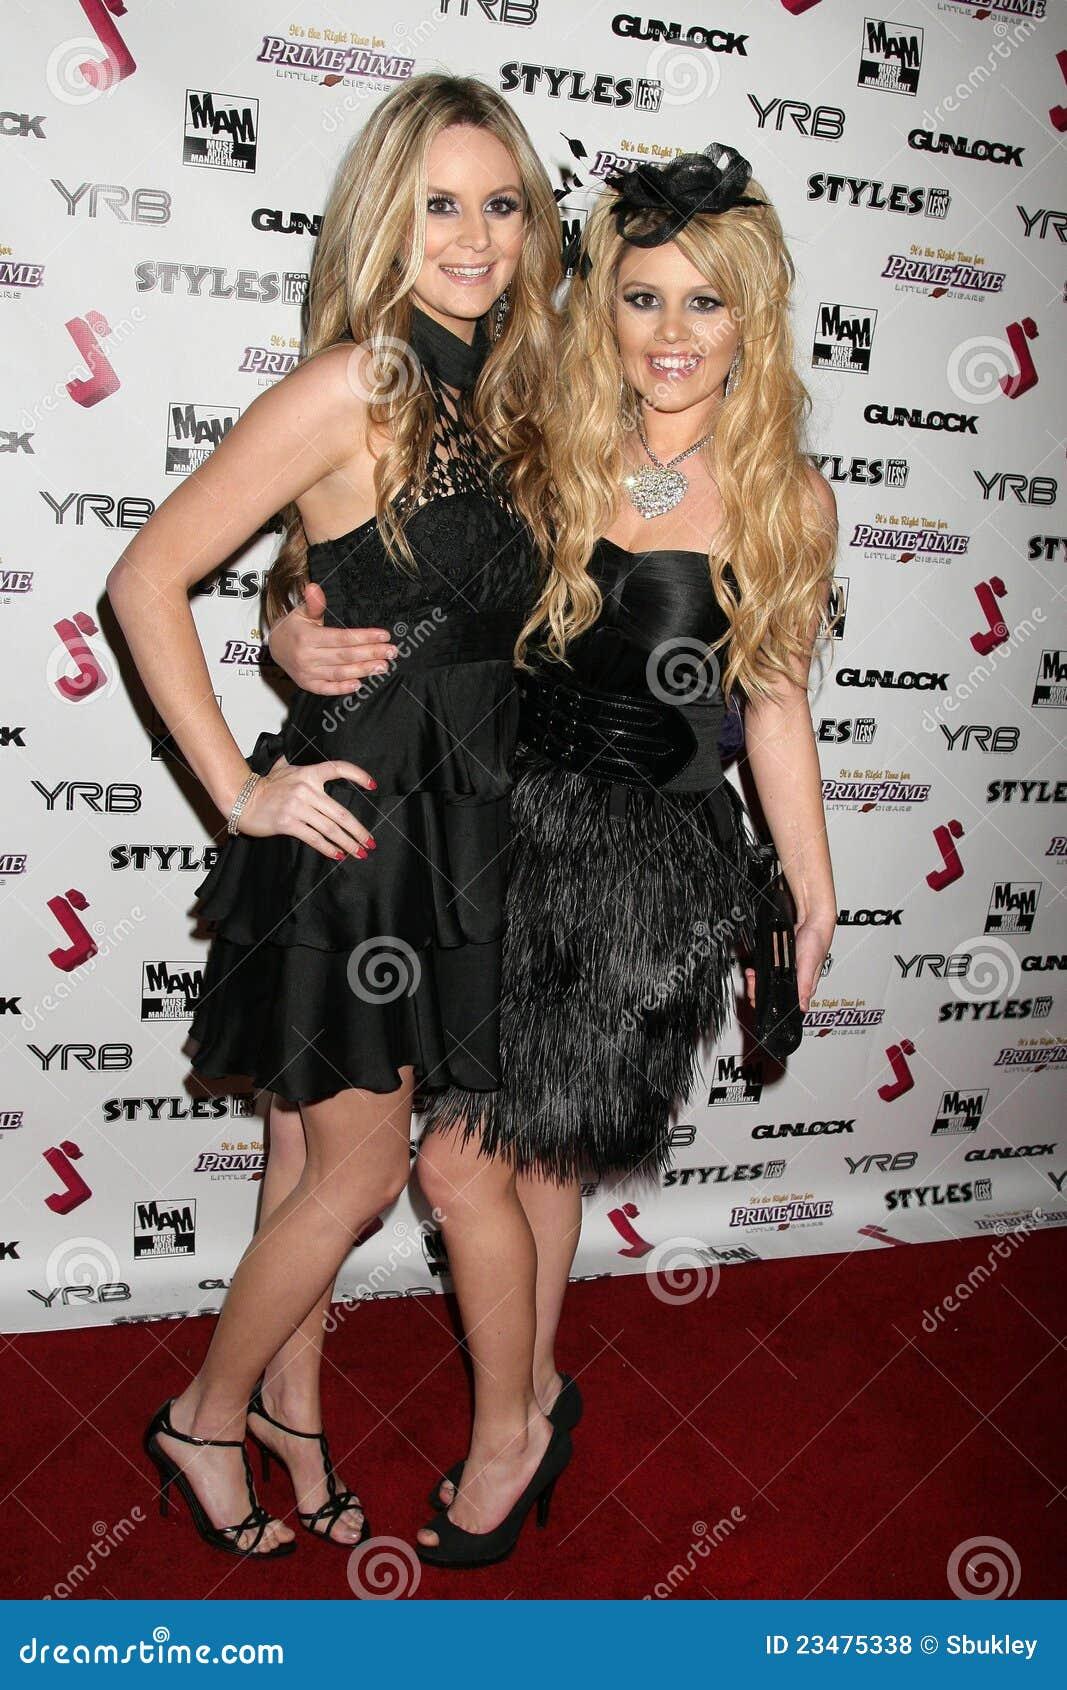 Jessica Kinni en J.Smith bij de Partij van de Première van het Debuut van de Muziek J.Smith Video. Les Deux, Hollywood, CA. 02-25-